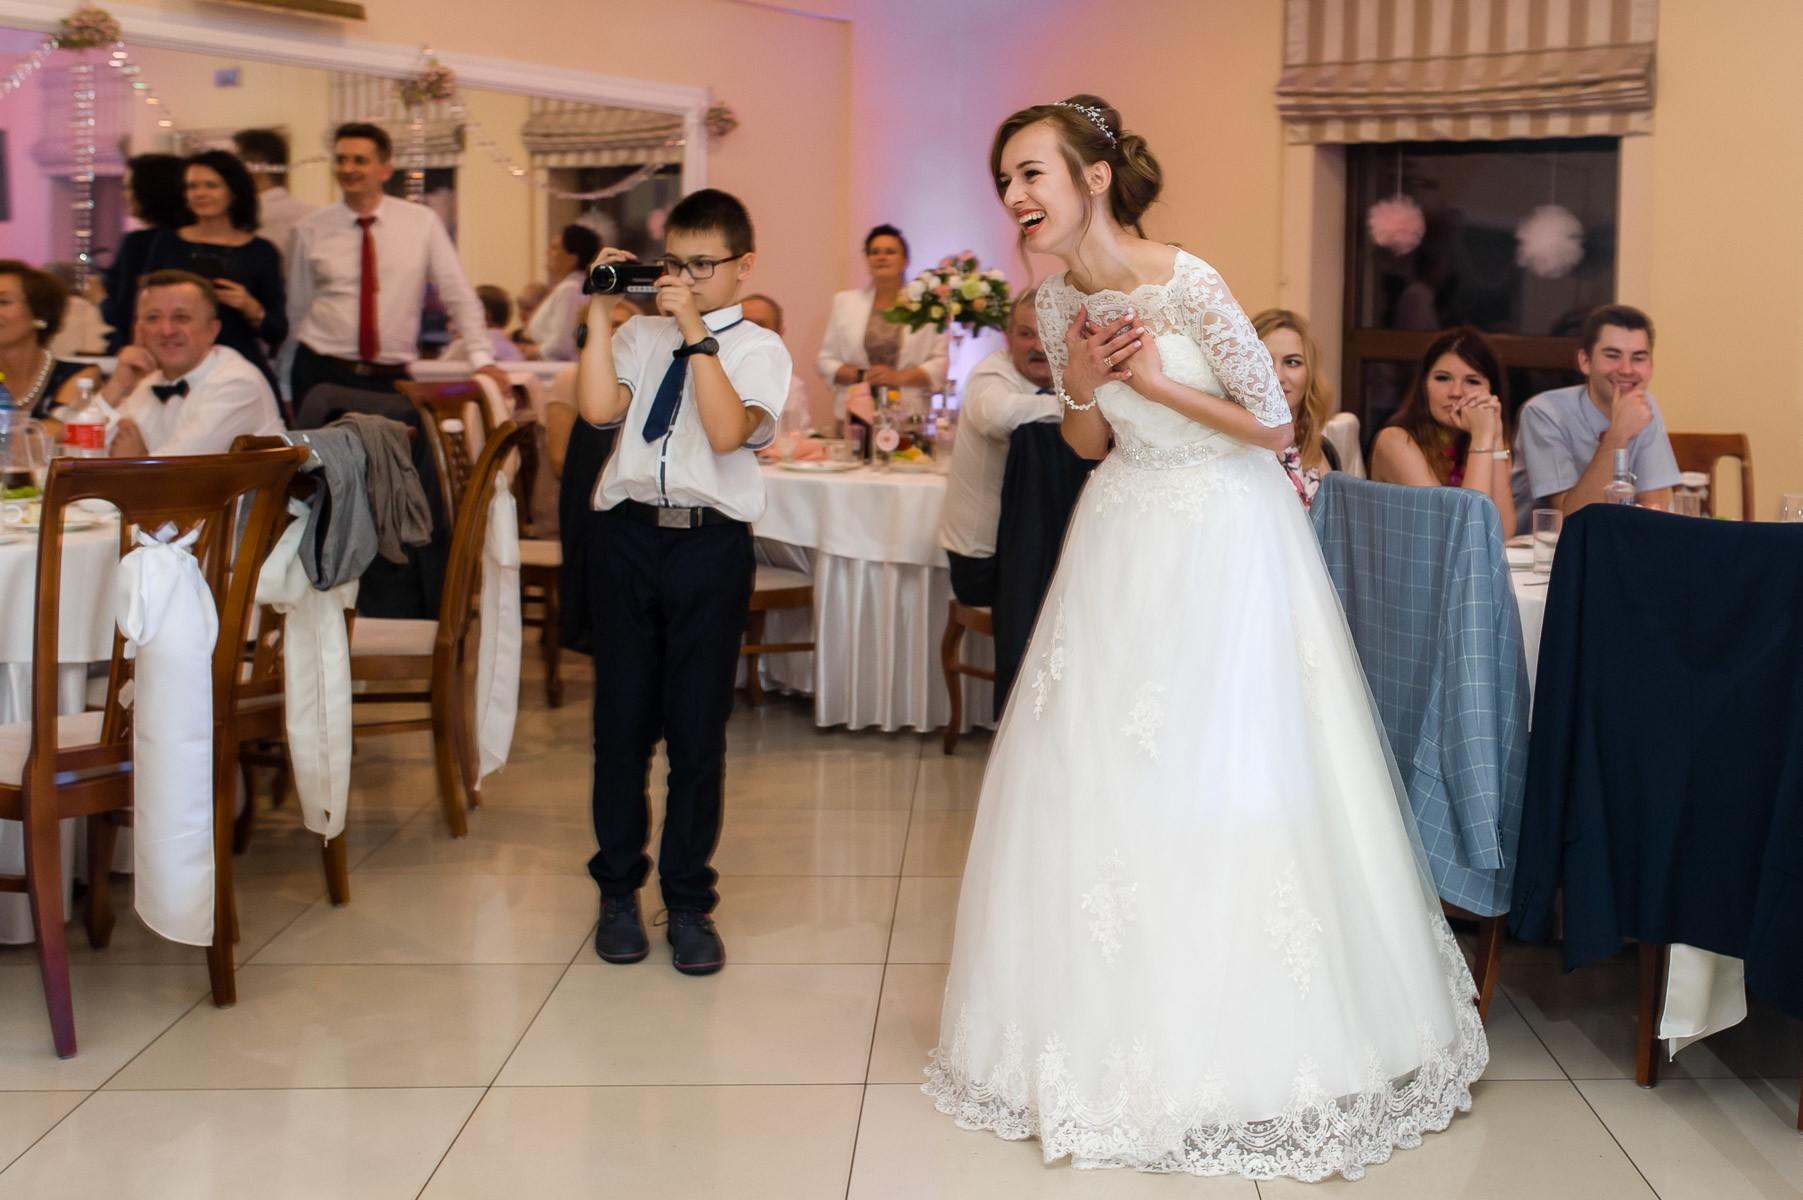 sala na skarpie fotograf slubny slask malopolska adam pietrusiak plener slubny w gorach jw wedding 167